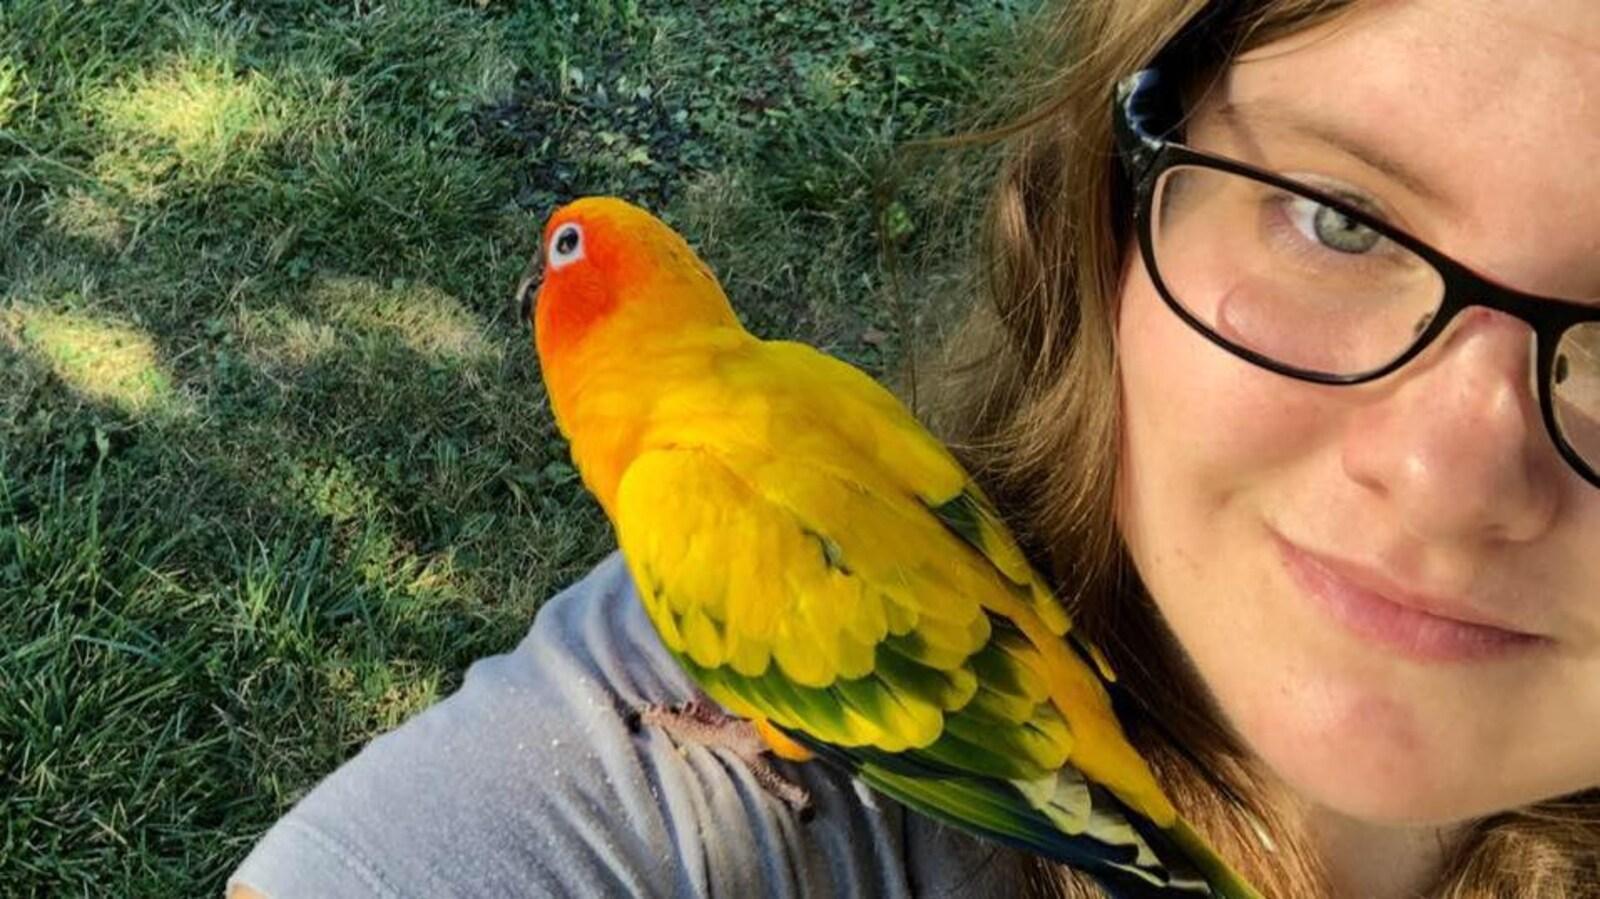 Une femme se prend en égoportrait avec un perroquet jaune sur son épaule.